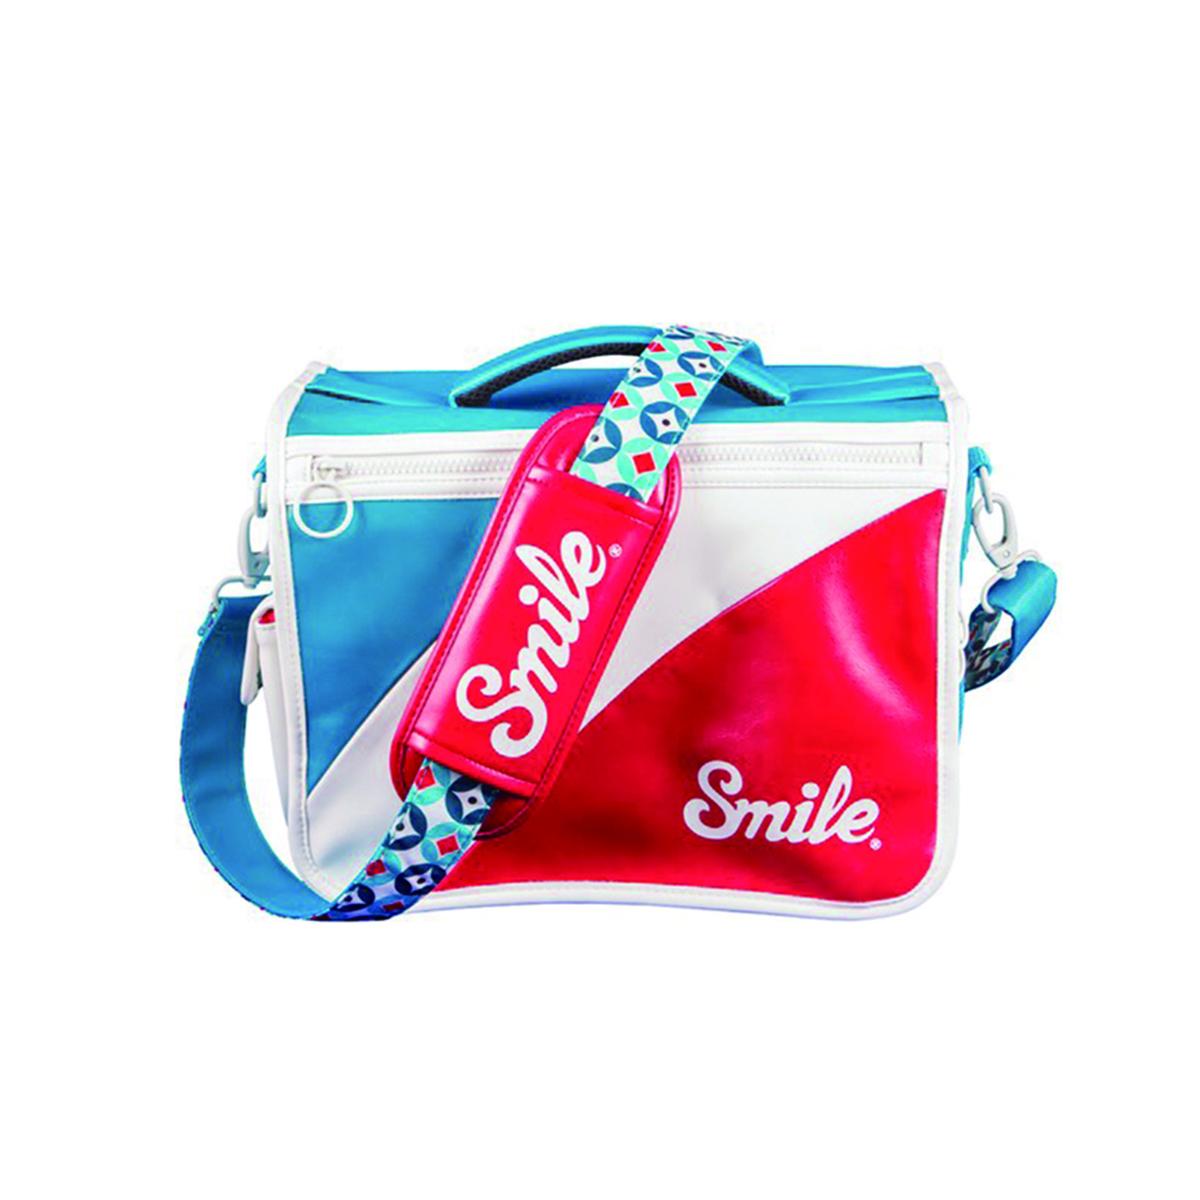 スマイル リバーシブル カメラバッグ L Mod 【Smile Camera Bag L】 sml1712141wh